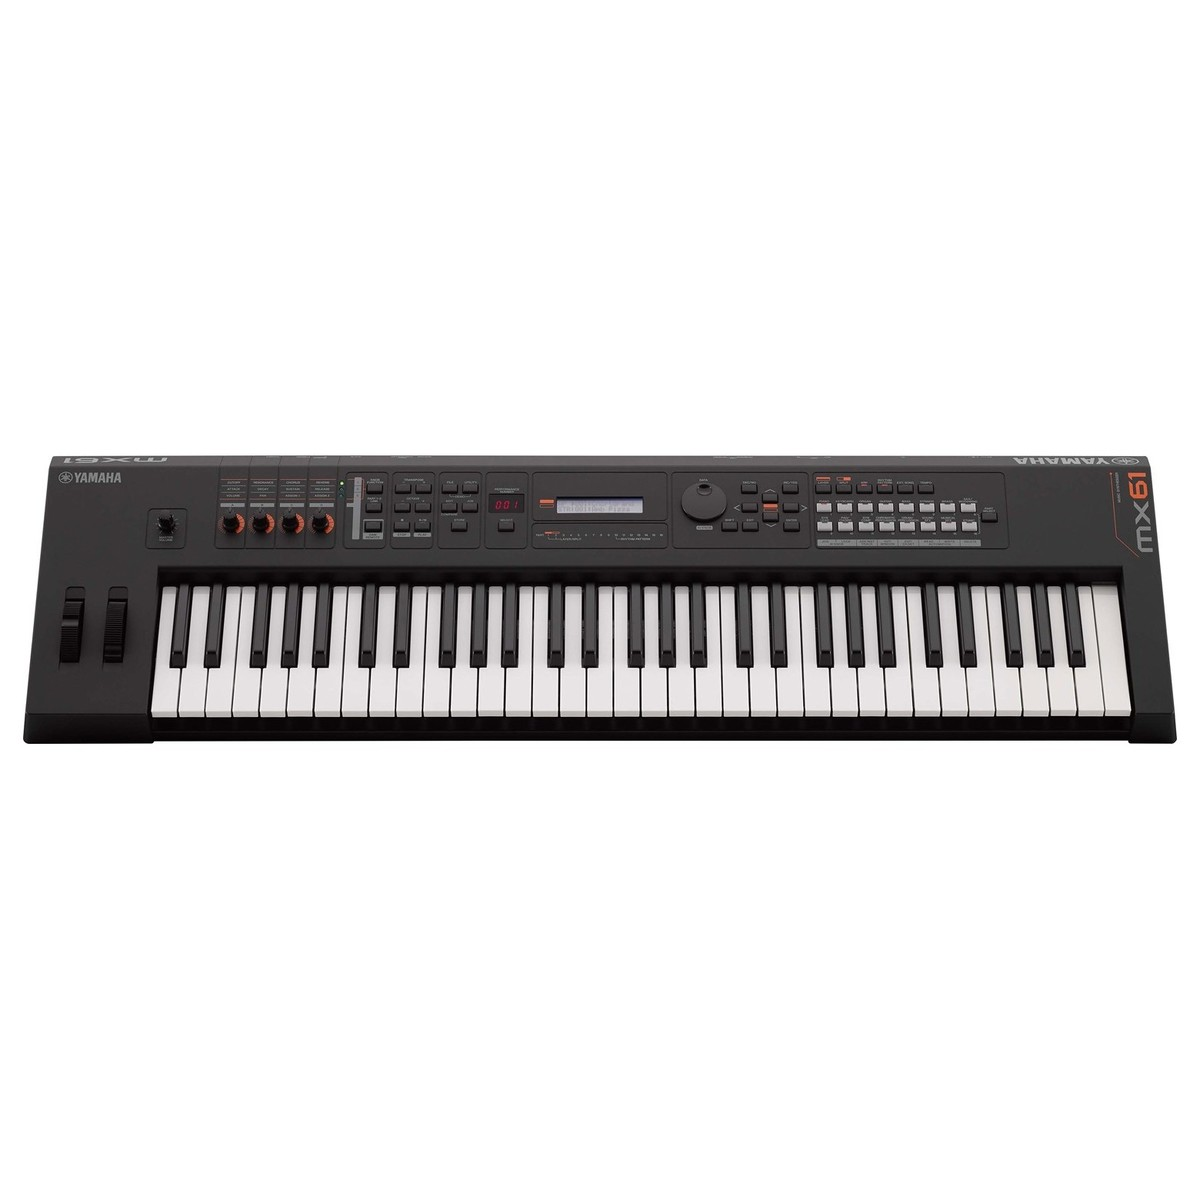 yamaha mx61 ii music production synthesizer black box On yamaha mx61 synthesizer